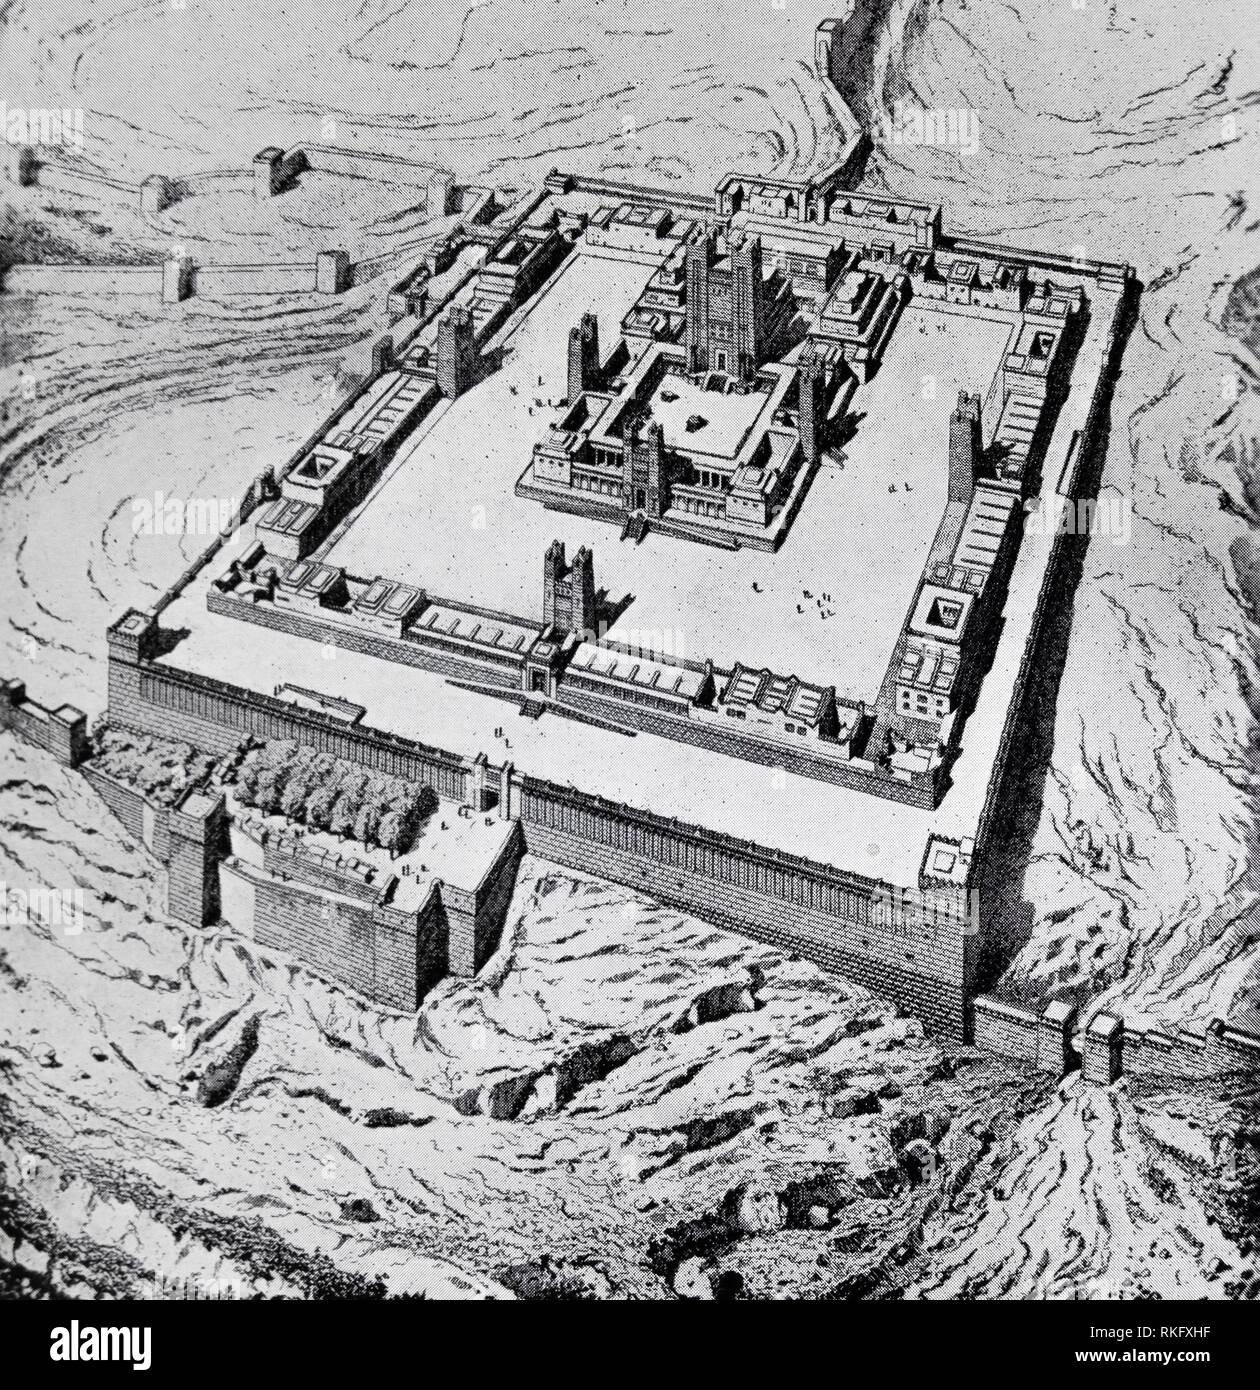 Tempio di Gerusalemme.Il tempio di Gerusalemme è stato uno qualsiasi di una serie di strutture che erano situati sul Monte del Tempio nella Città Vecchia di Gerusalemme, Immagini Stock